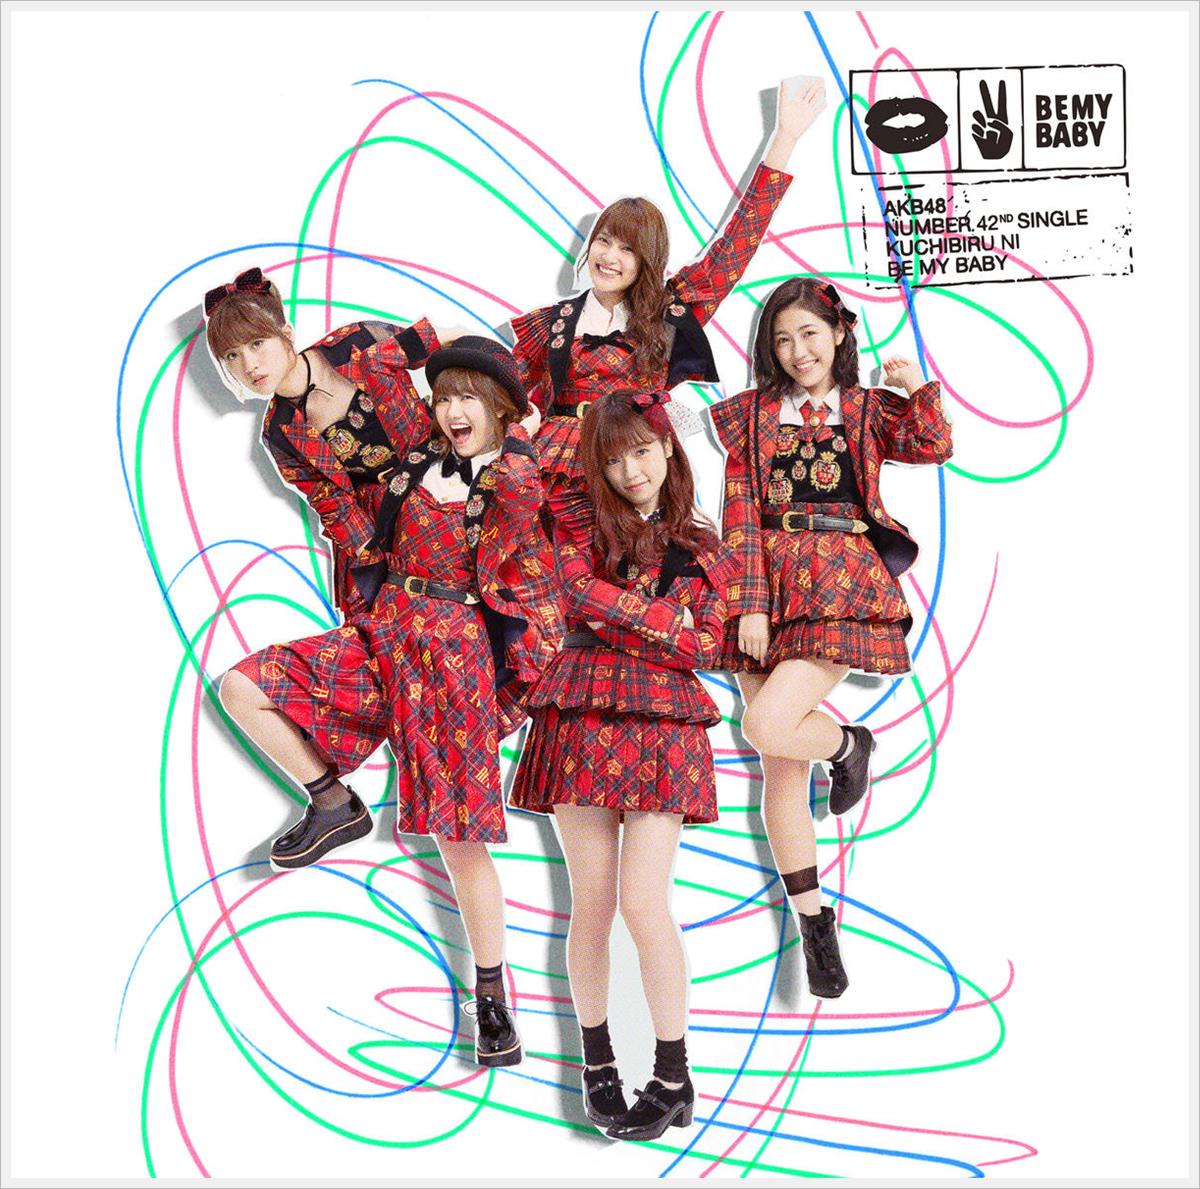 2016년 1/5일자 주간 오리콘 차트(SINGLE 부문)